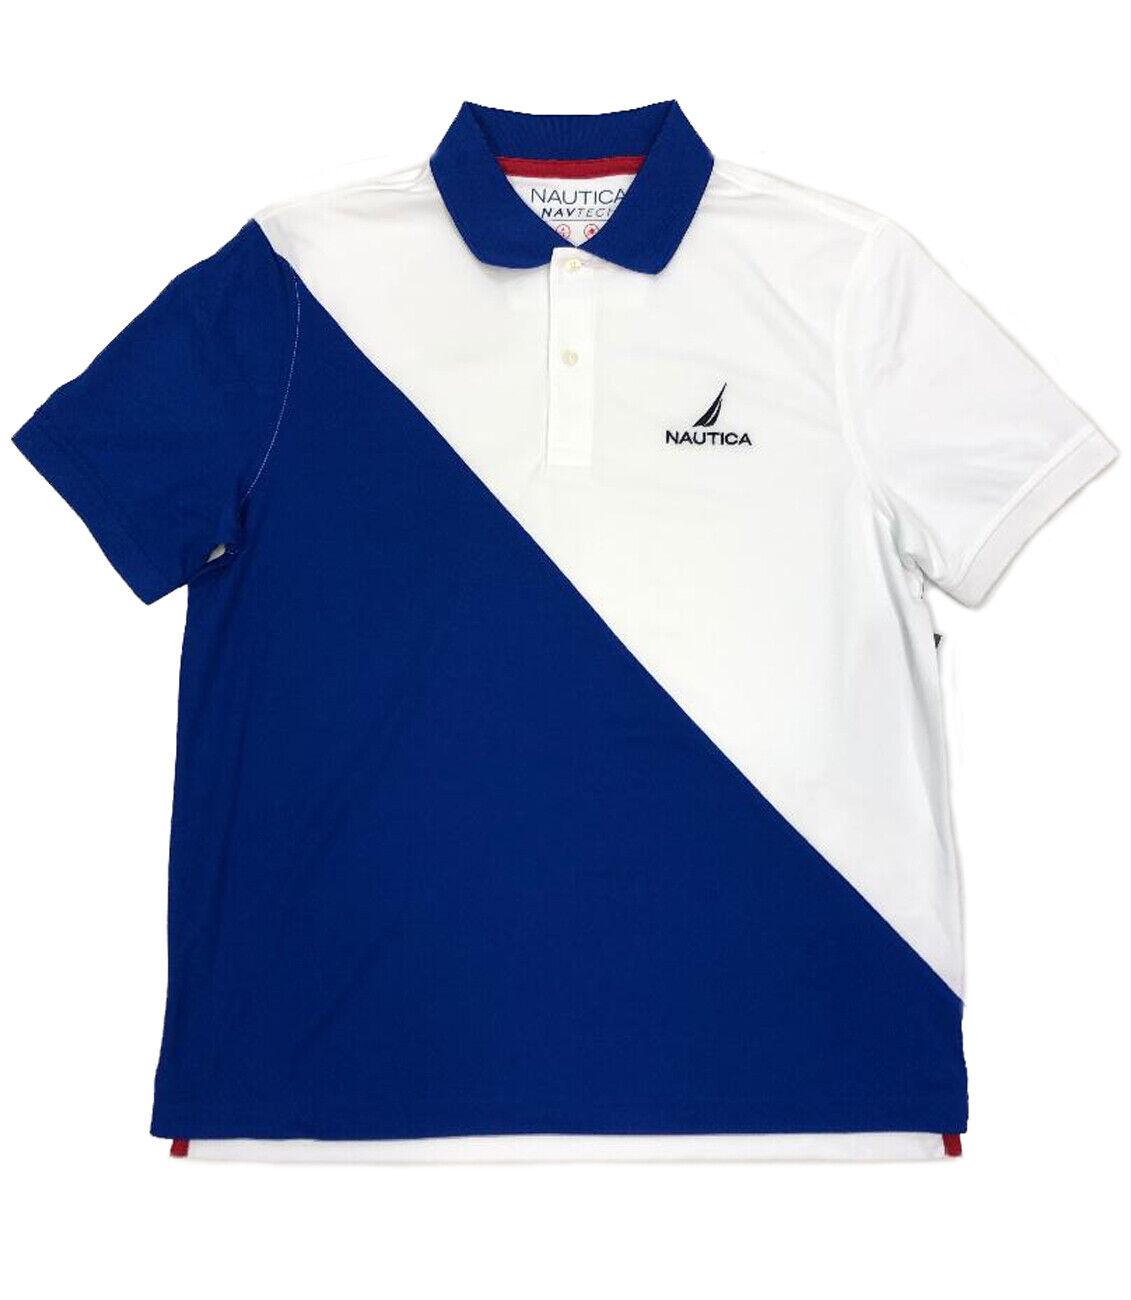 9b2b58f00fd7 Nautica bluee Polo T-Shirt Diagonal NAV-Tech oytxhd982-T-Shirts ...